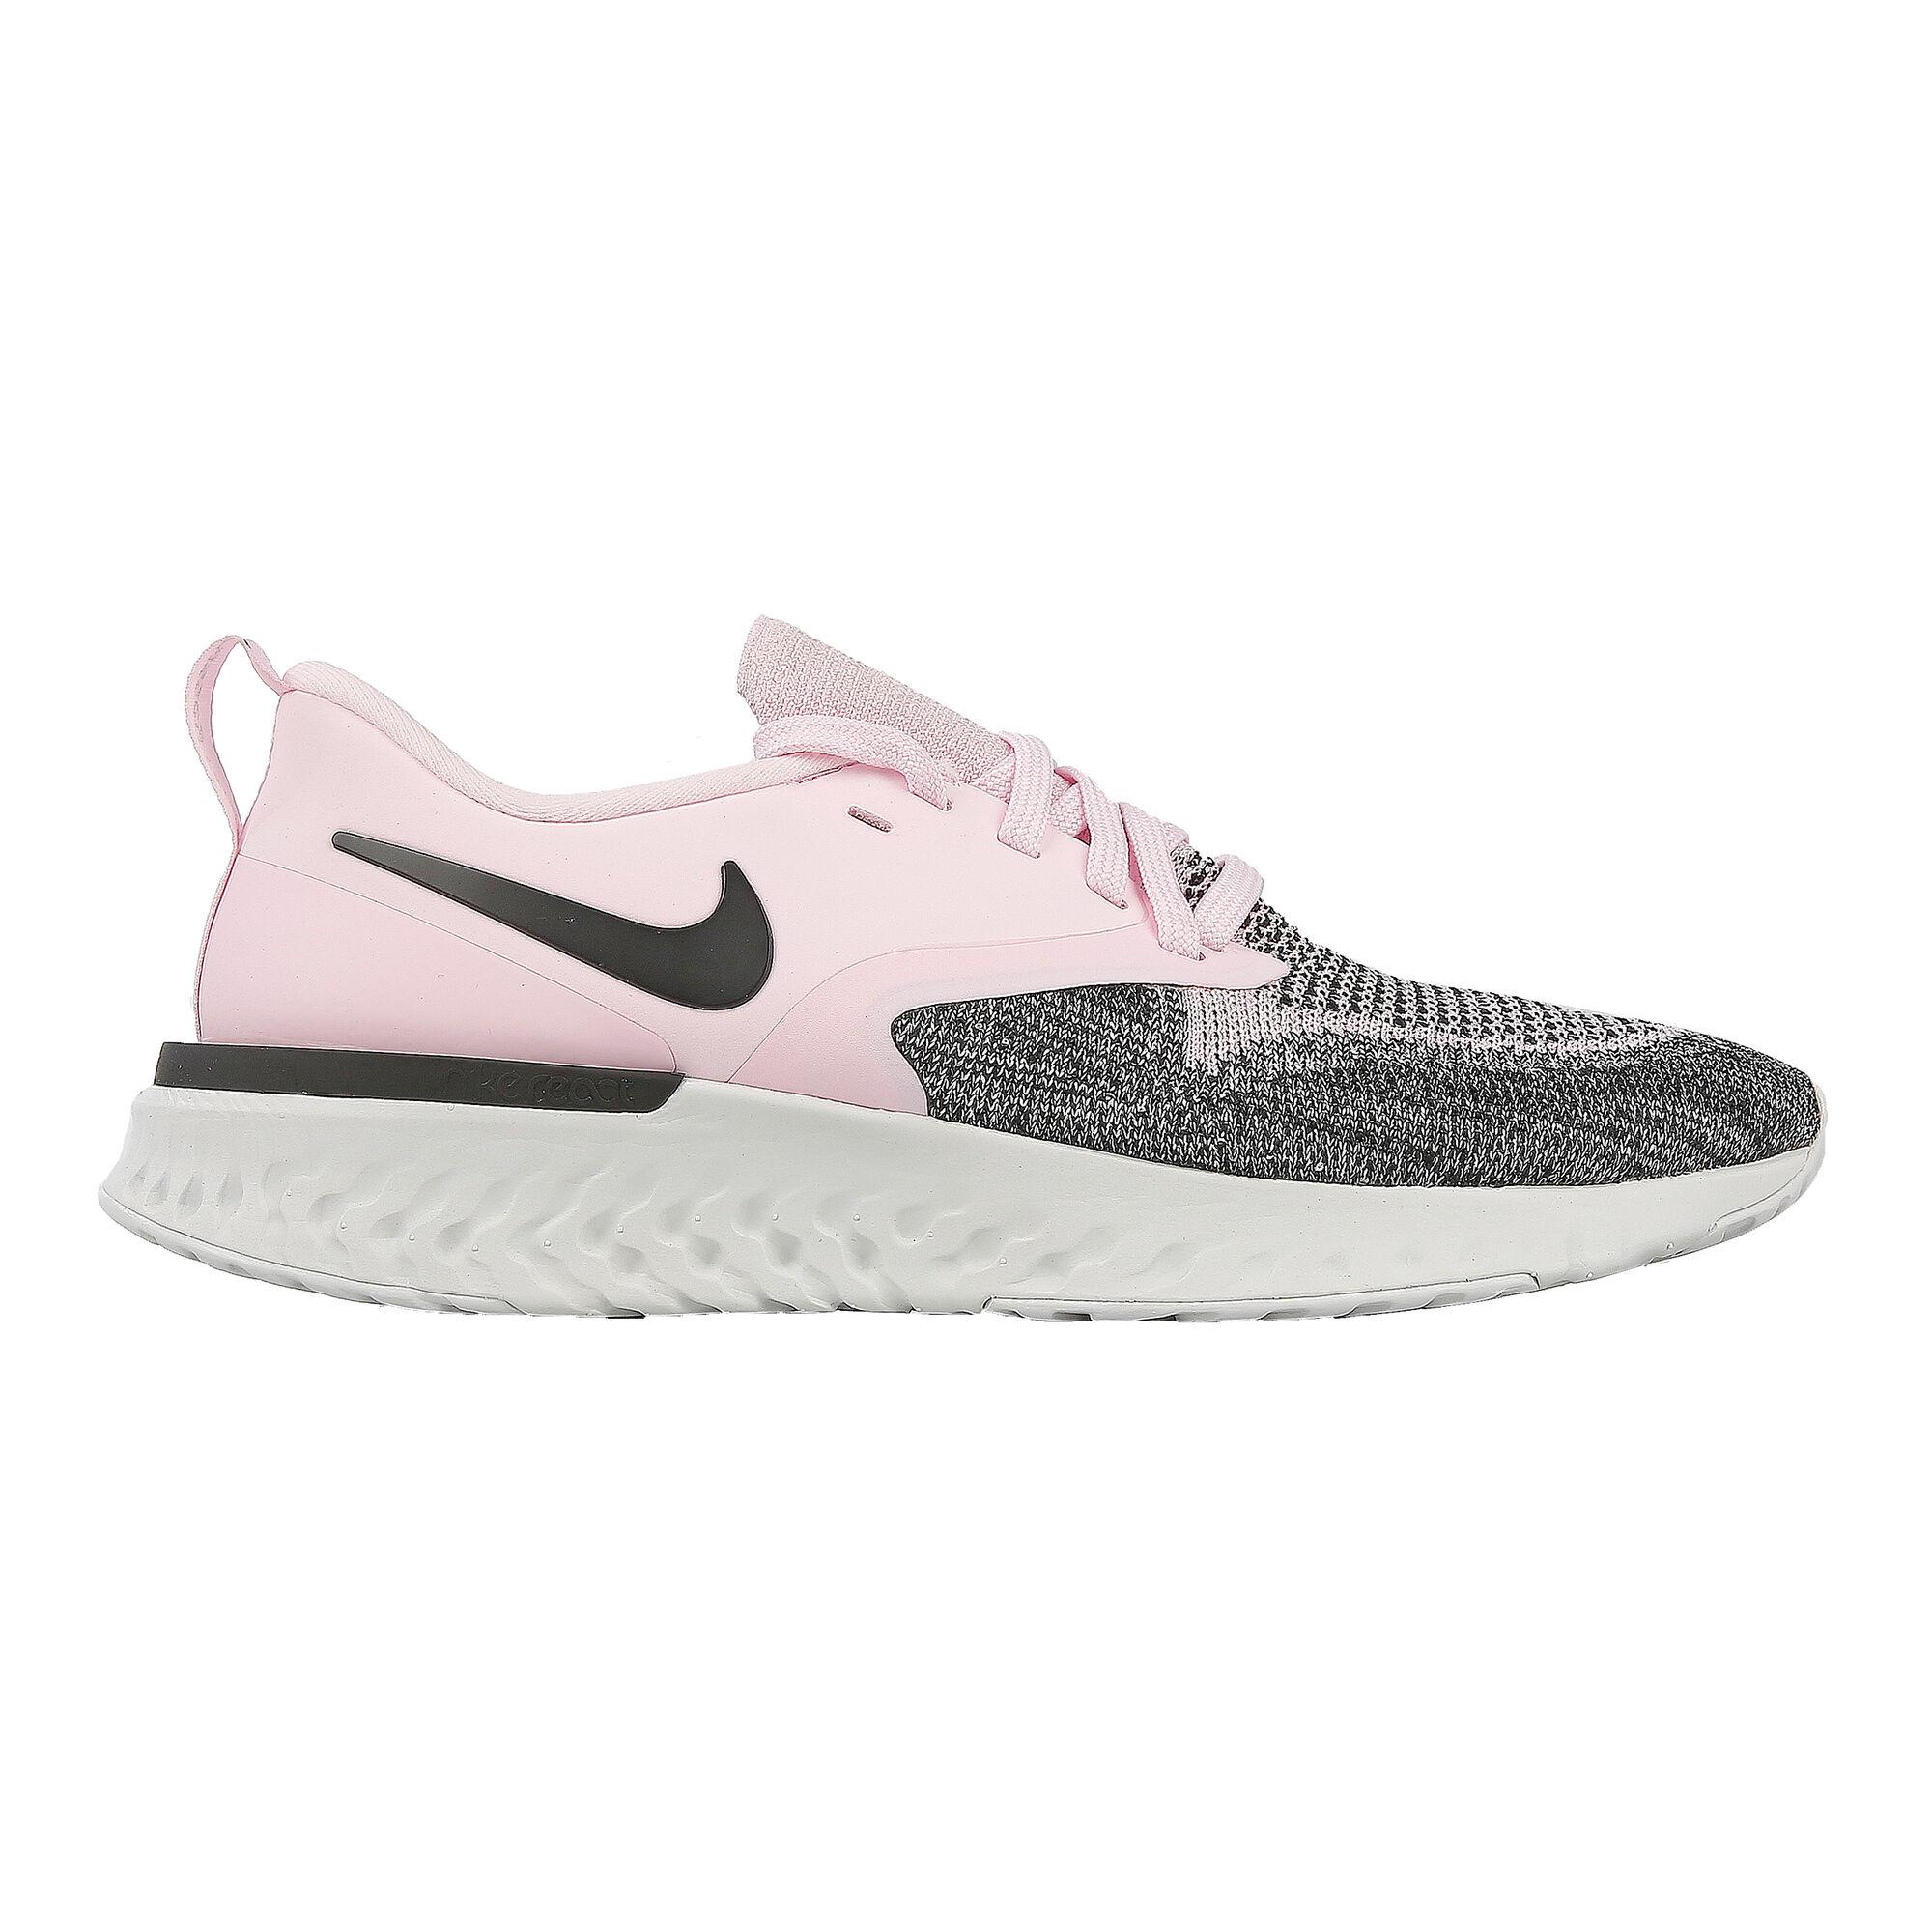 fafed7c10d51e Nike; Nike; Nike; Nike; Nike; Nike; Nike. Odyssey React Flyknit 2 Women ...